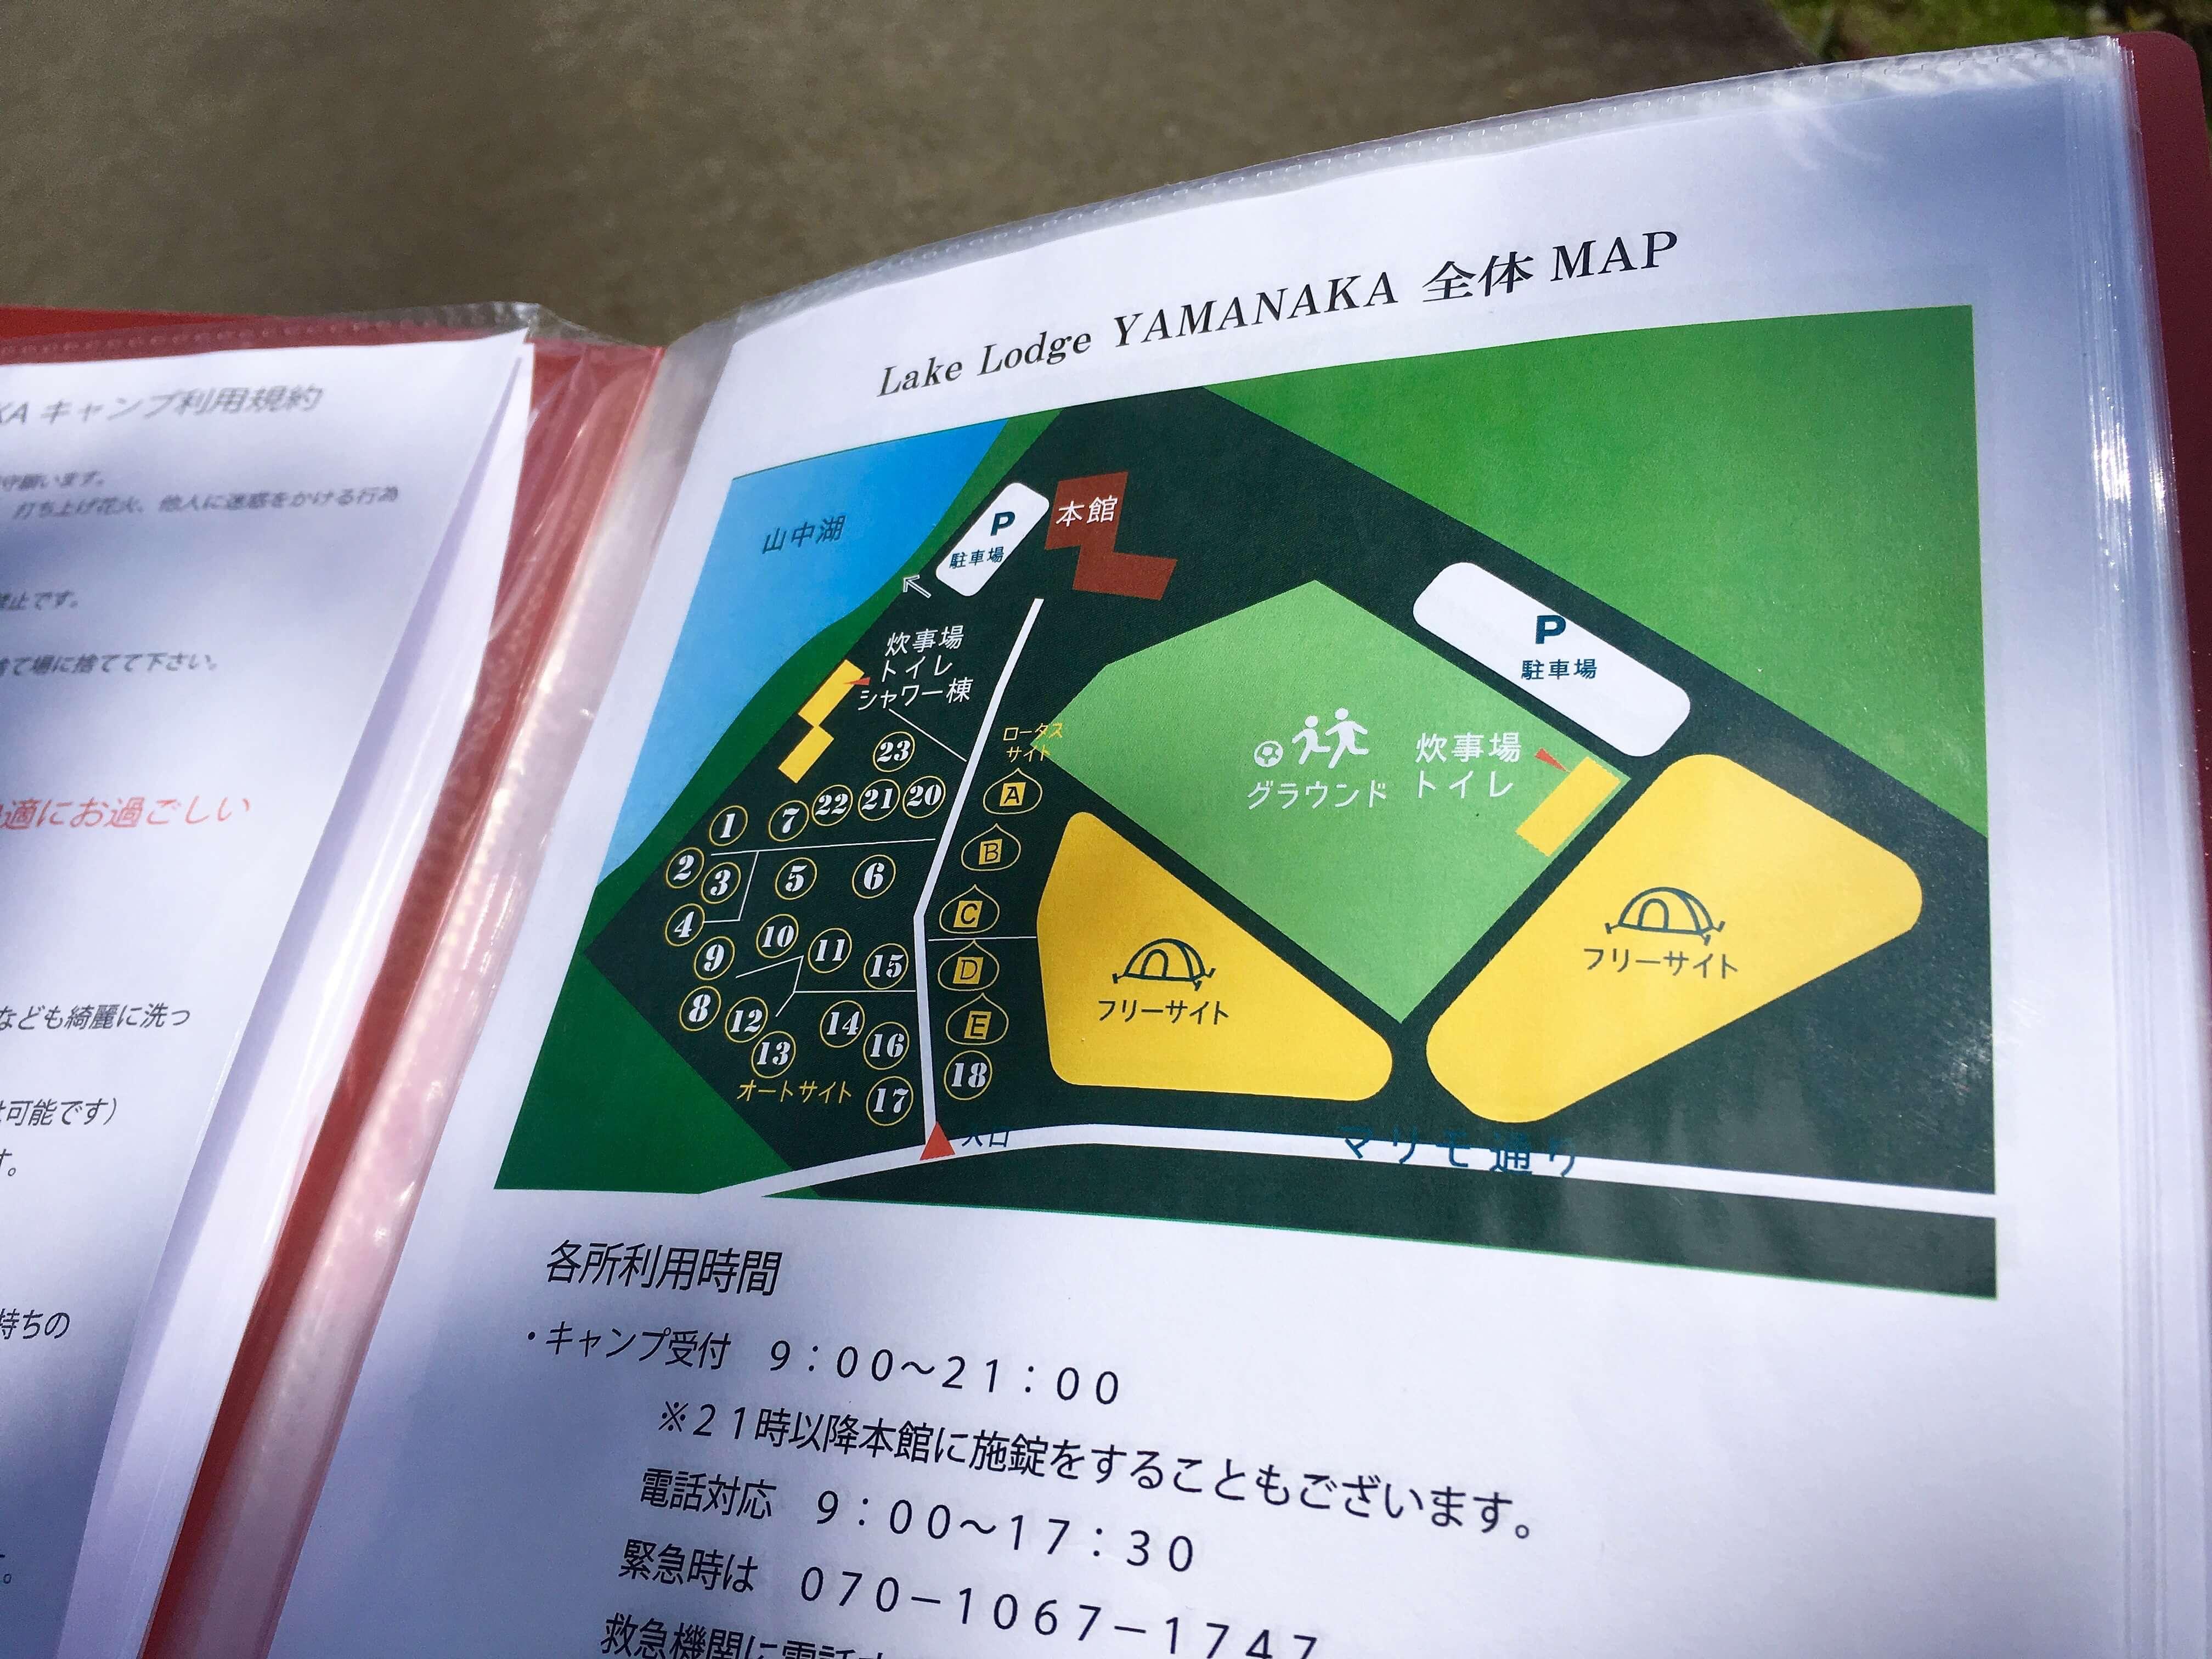 レイクロッジヤマナカ マップ